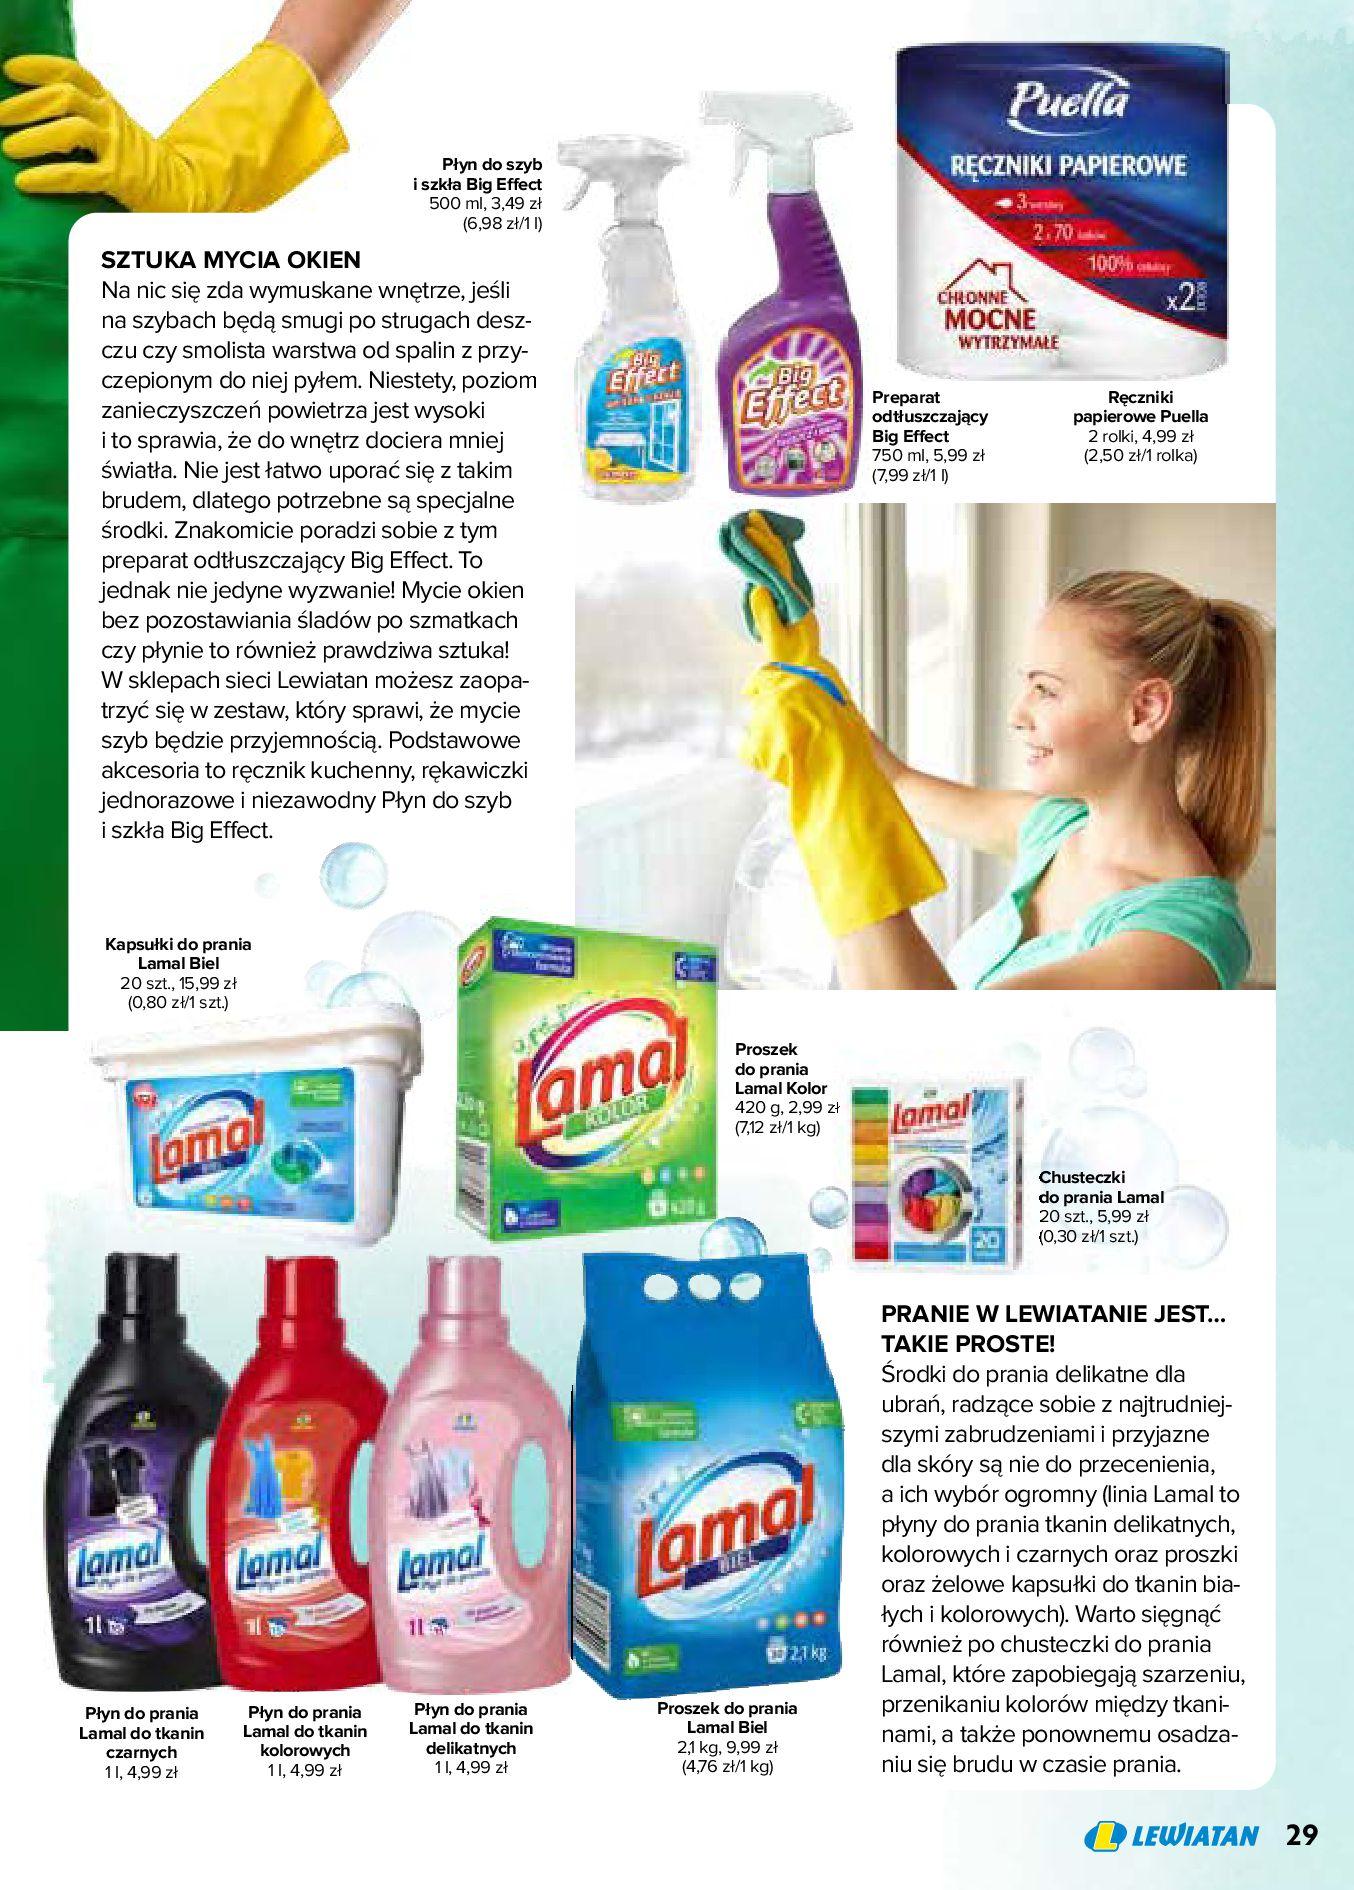 Gazetka Lewiatan: Produkty marki Lewiatan 2020-12-31 page-29